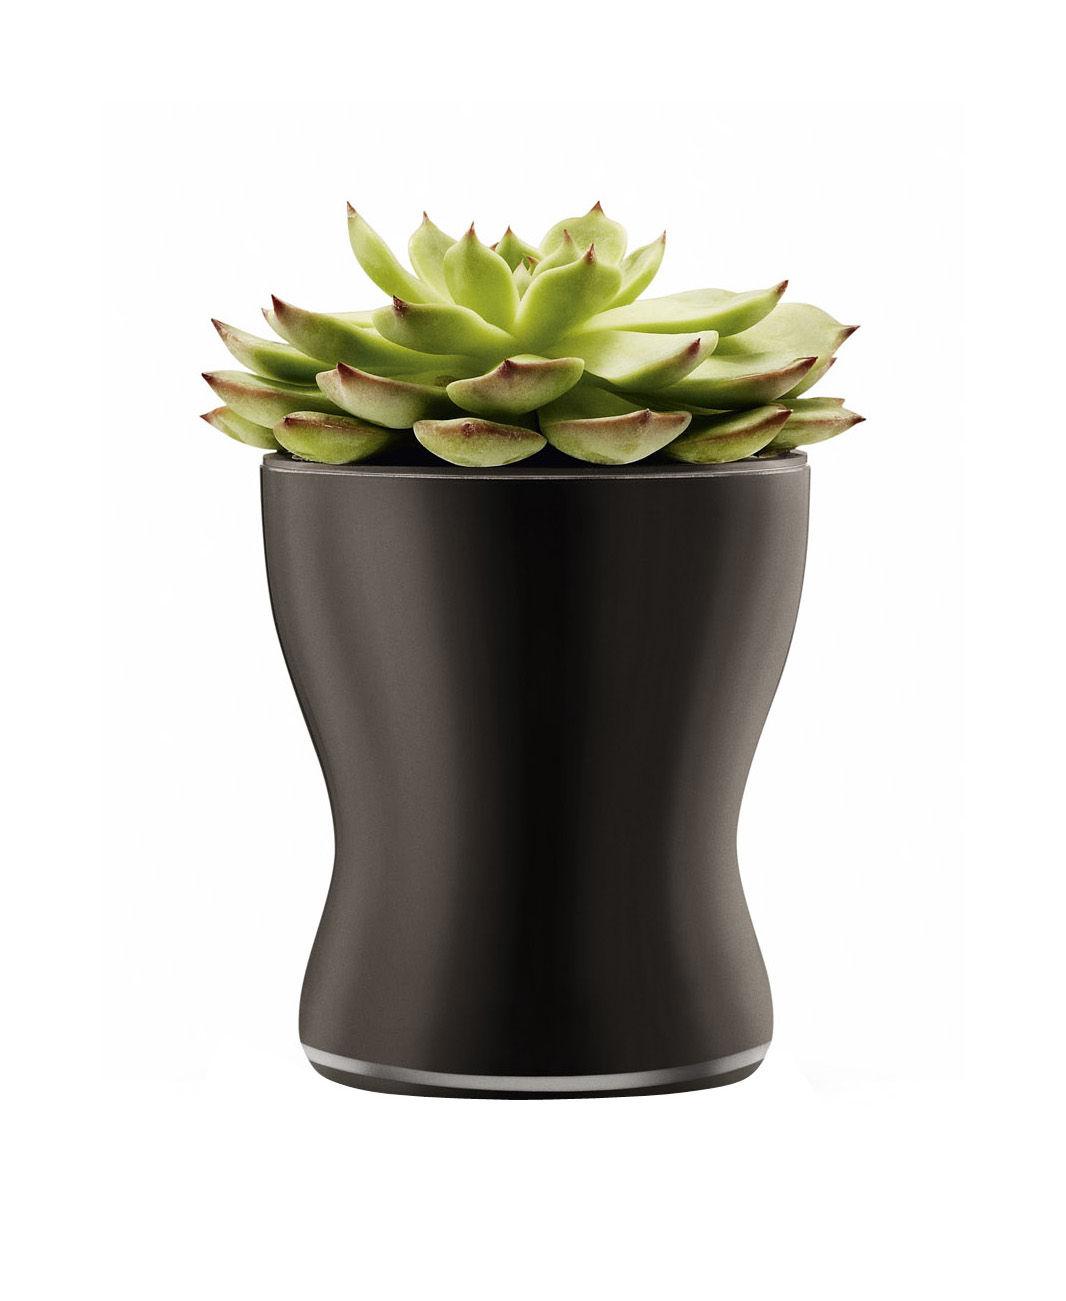 mit wasserreservoir 11 cm eva solo blumentopf mit wasserreservoir. Black Bedroom Furniture Sets. Home Design Ideas